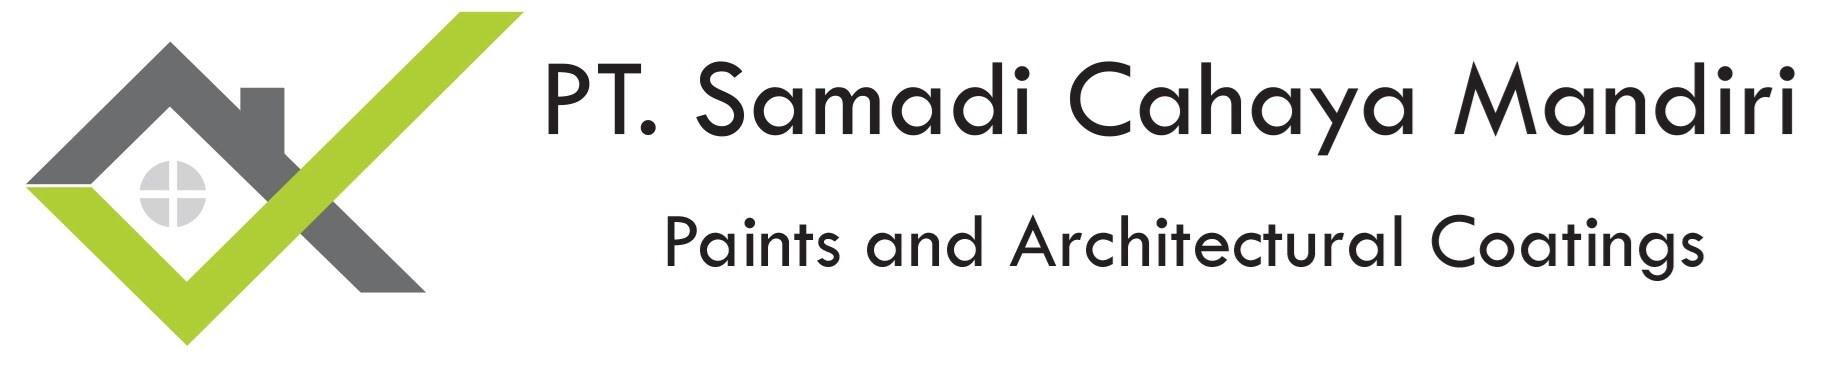 Logo PT. Samadi Cahaya Mandiri